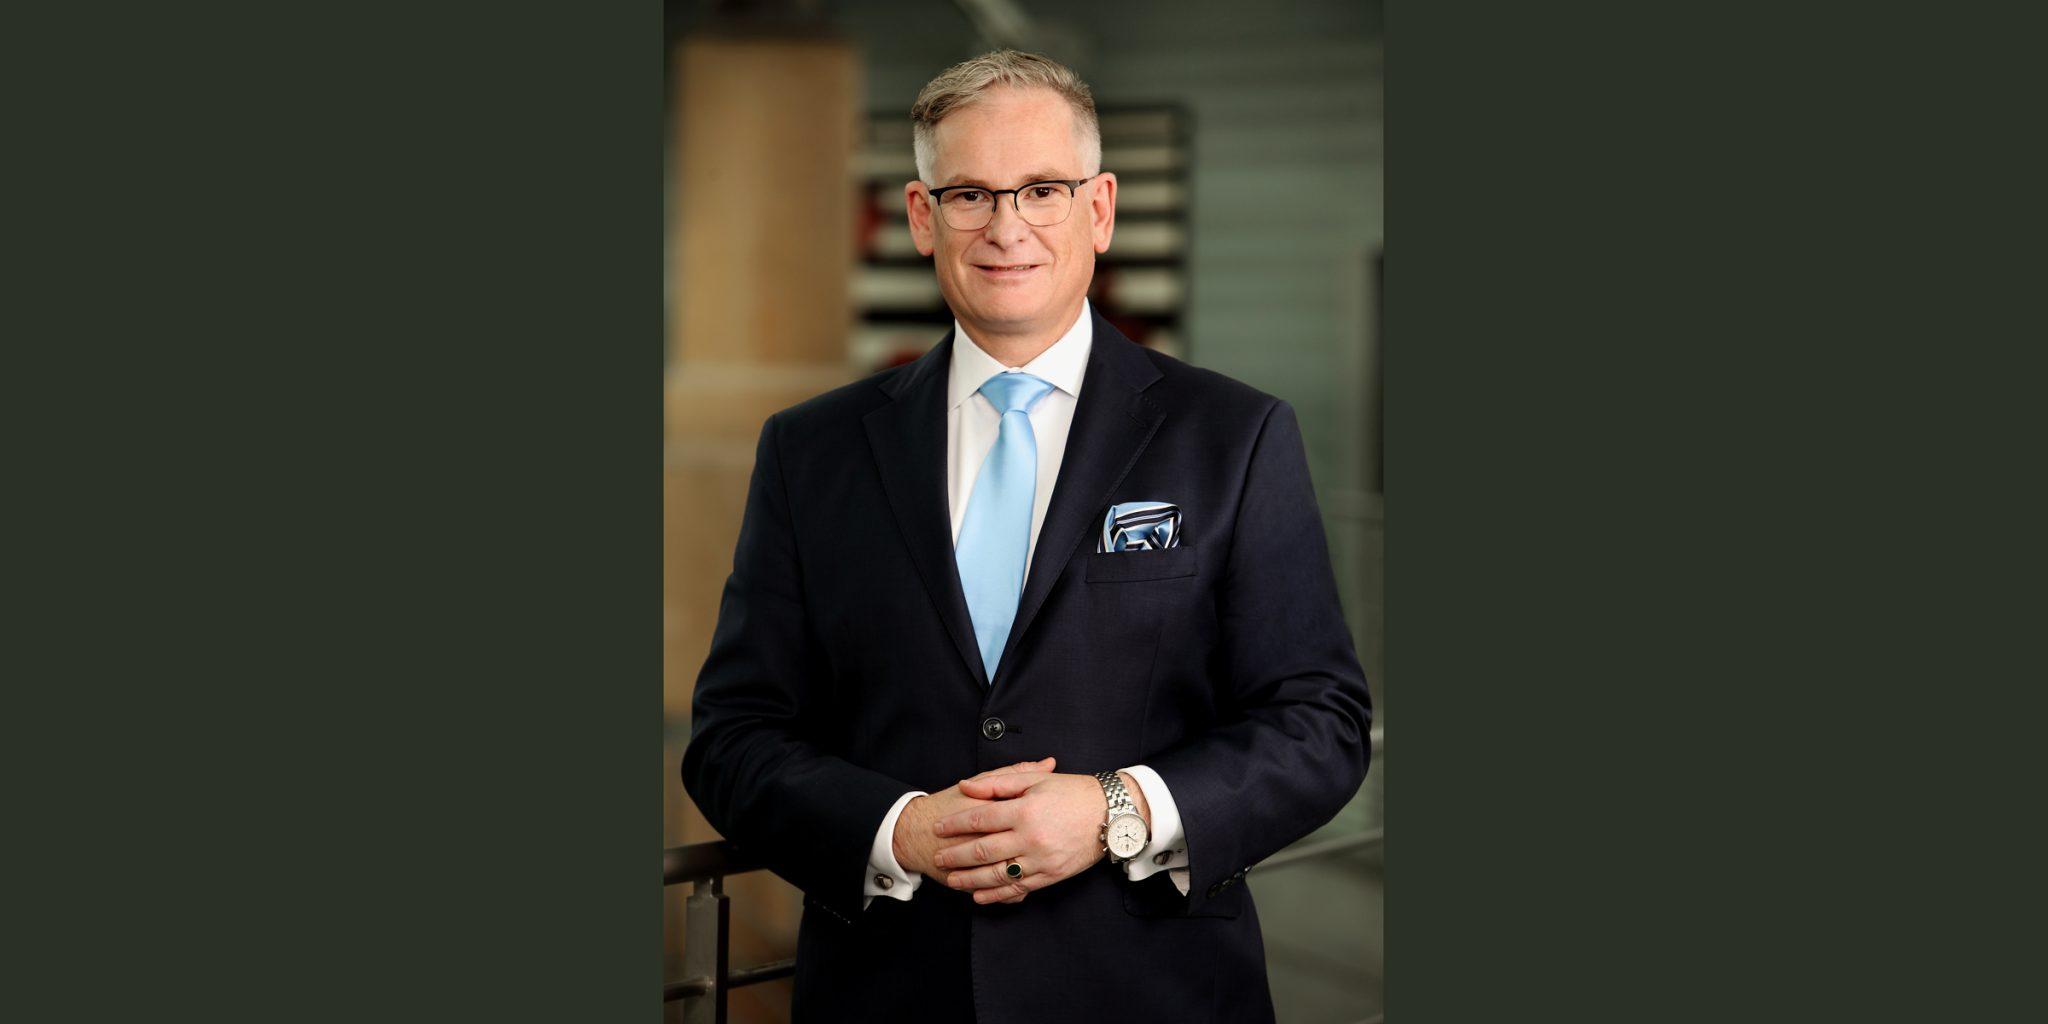 Farbportrait eines Mannes von Deutsche Bank Luxemburg mit Brille, der in einem eleganten, schwarzen Business-Anzug, hellblauer Krawatte und mit gekreuzten Händen selbstsicher posiert.